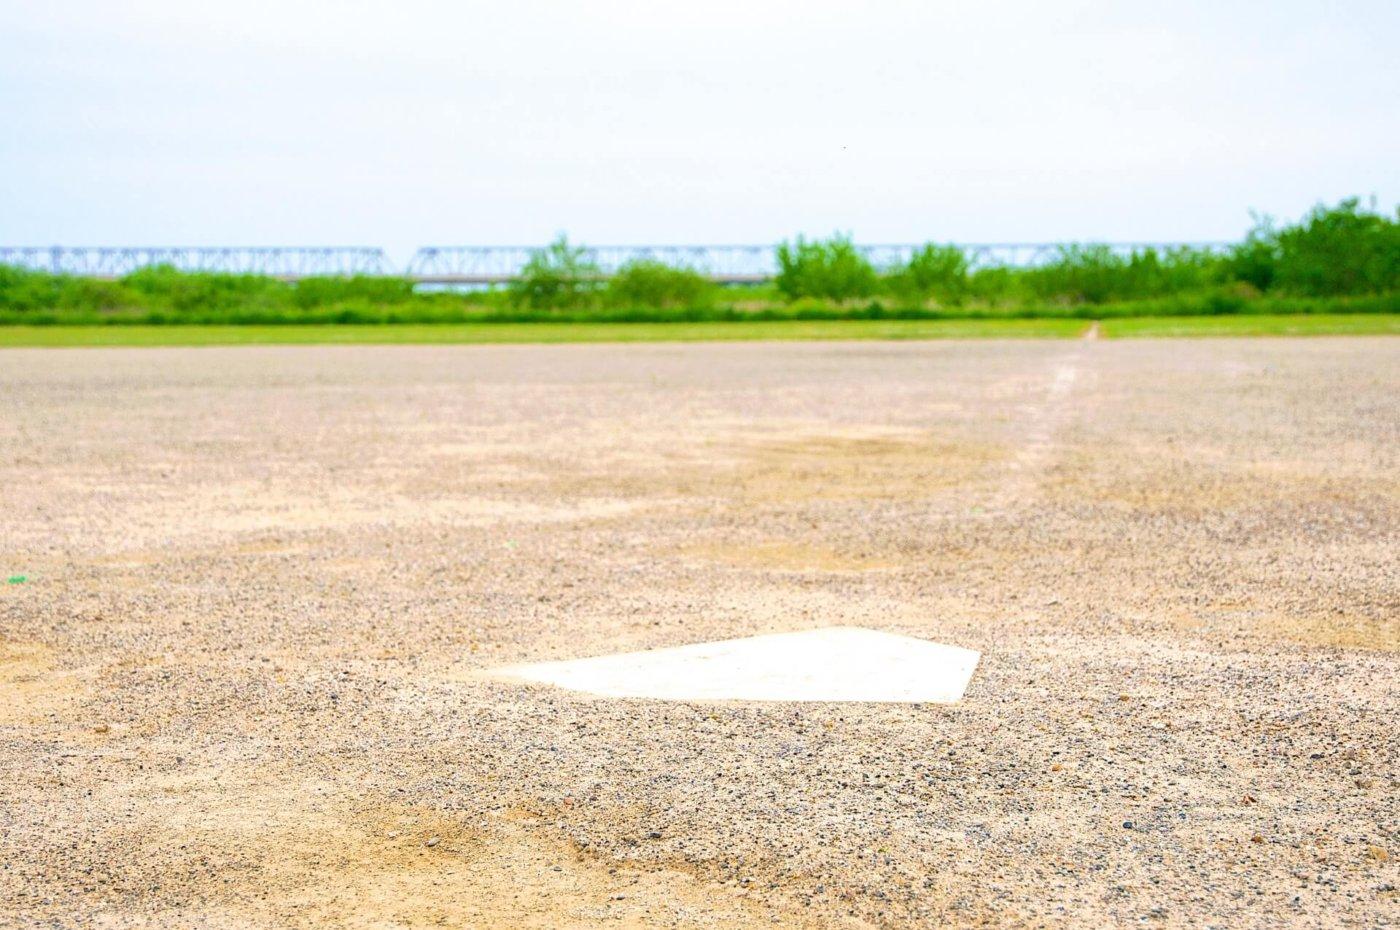 ソフトボール グラウンド寸法は?